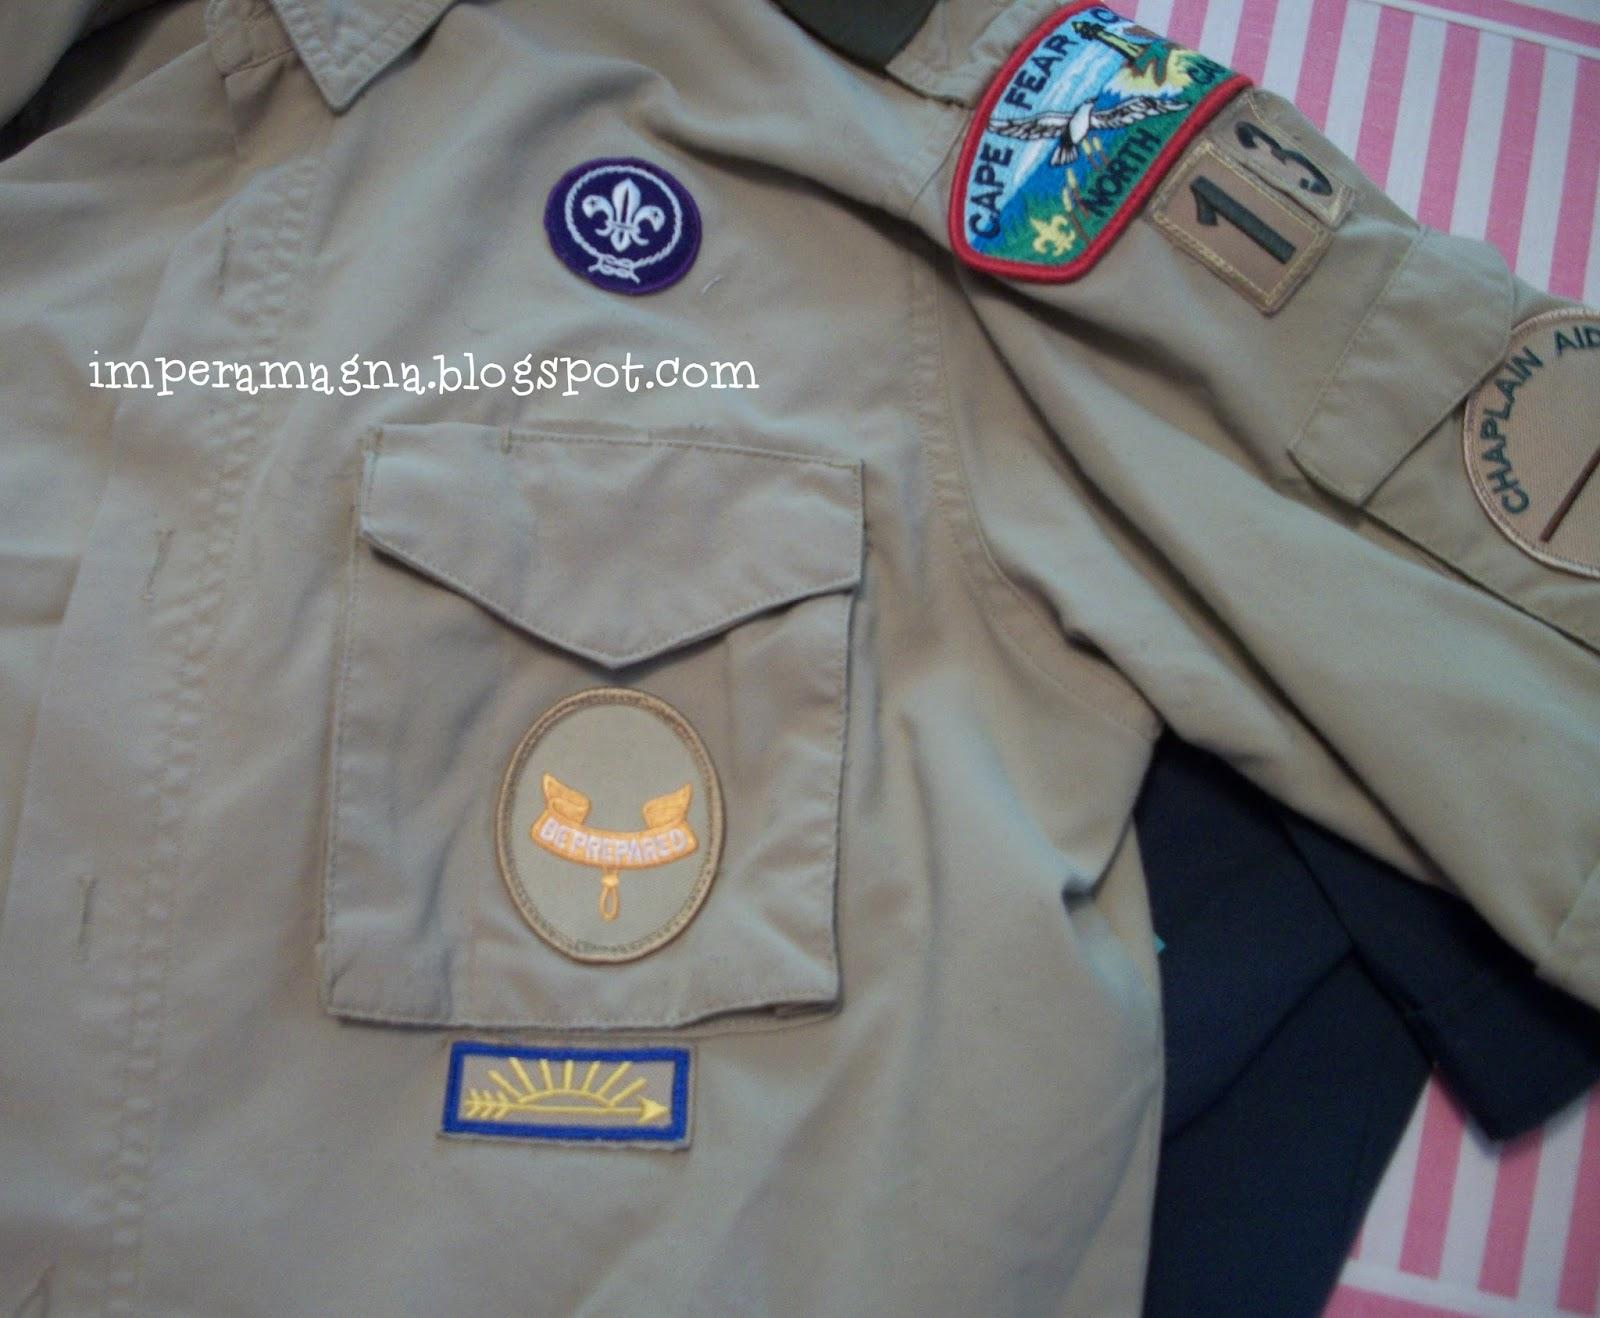 C CUB SCOUT INSIGNIA s C - Boy Scouts of America